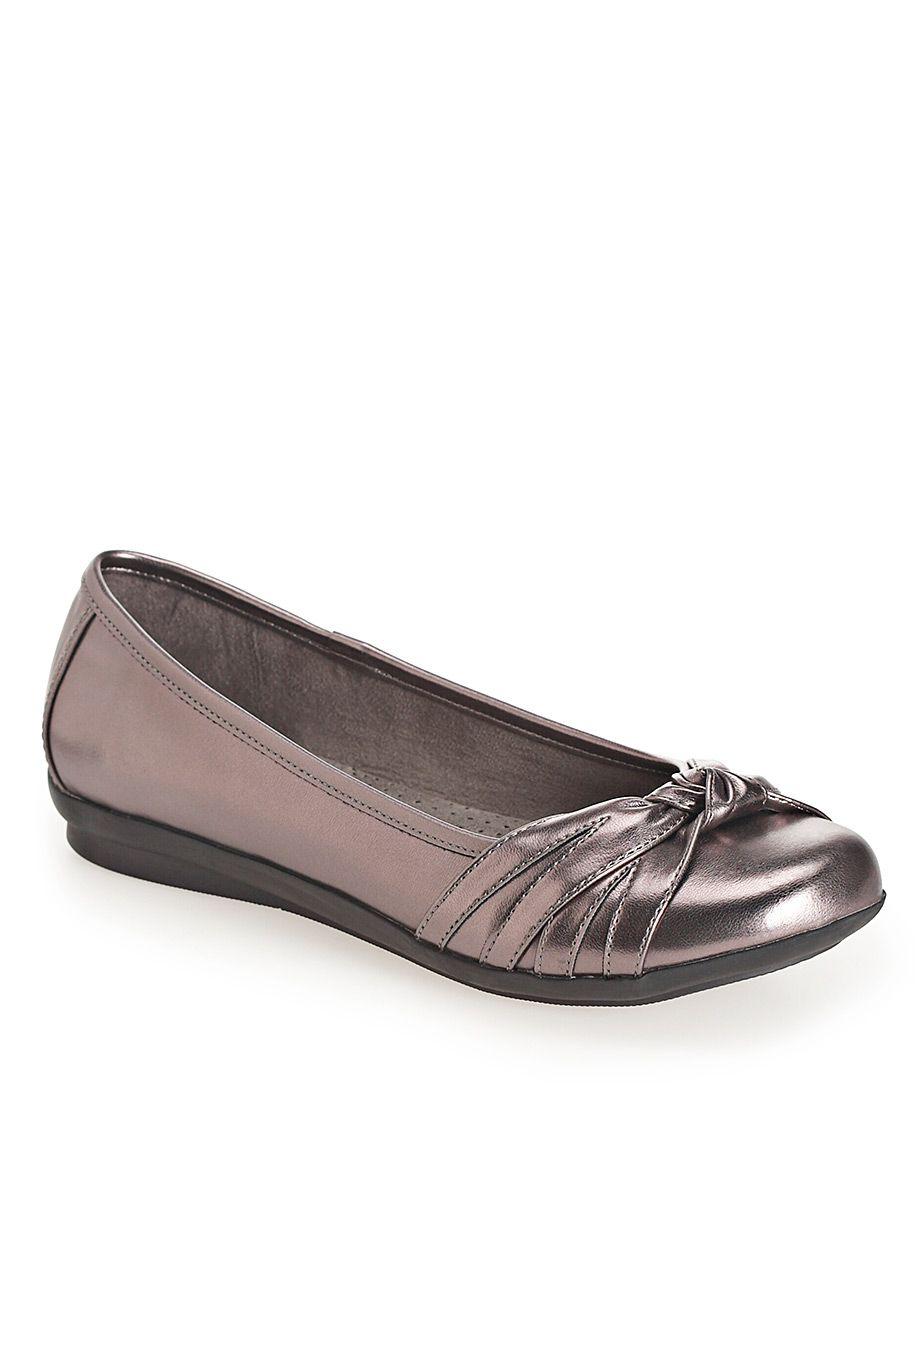 Plus Size Ashley Faux Suede Ballet Flat   Plus Size Flats & Loafers   Avenue